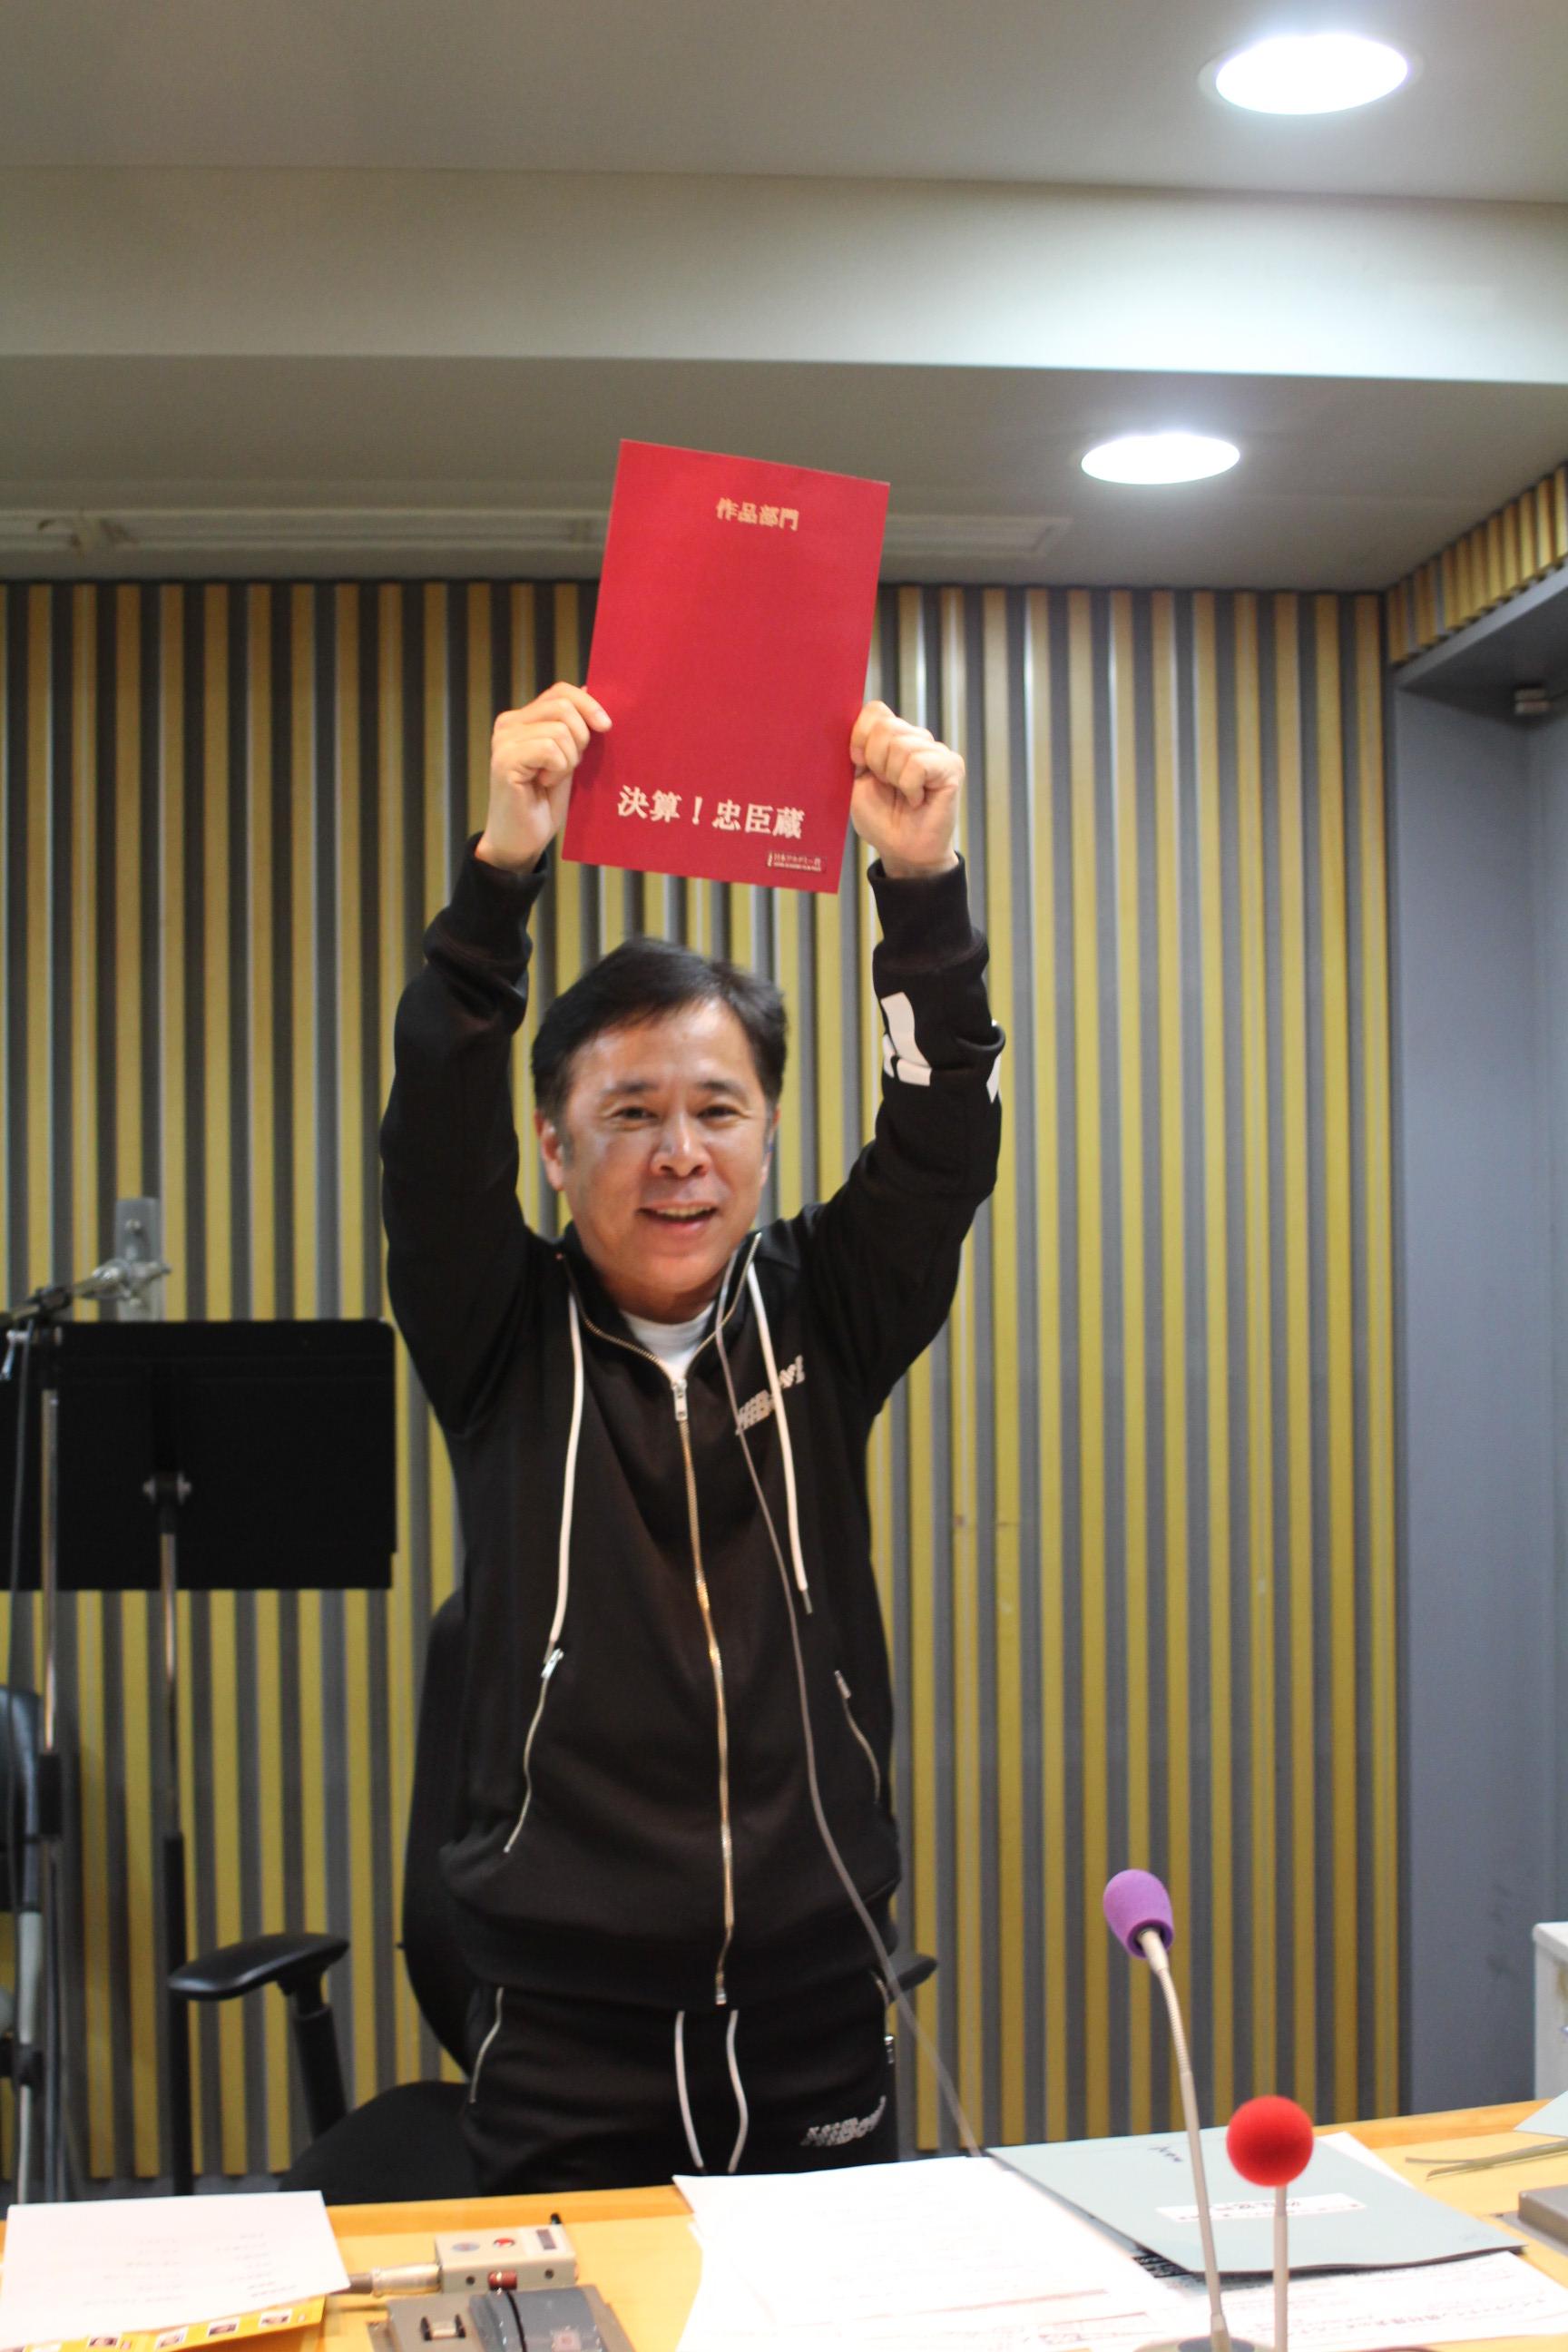 隆史 ニッポン 岡村 2020 オールナイト の